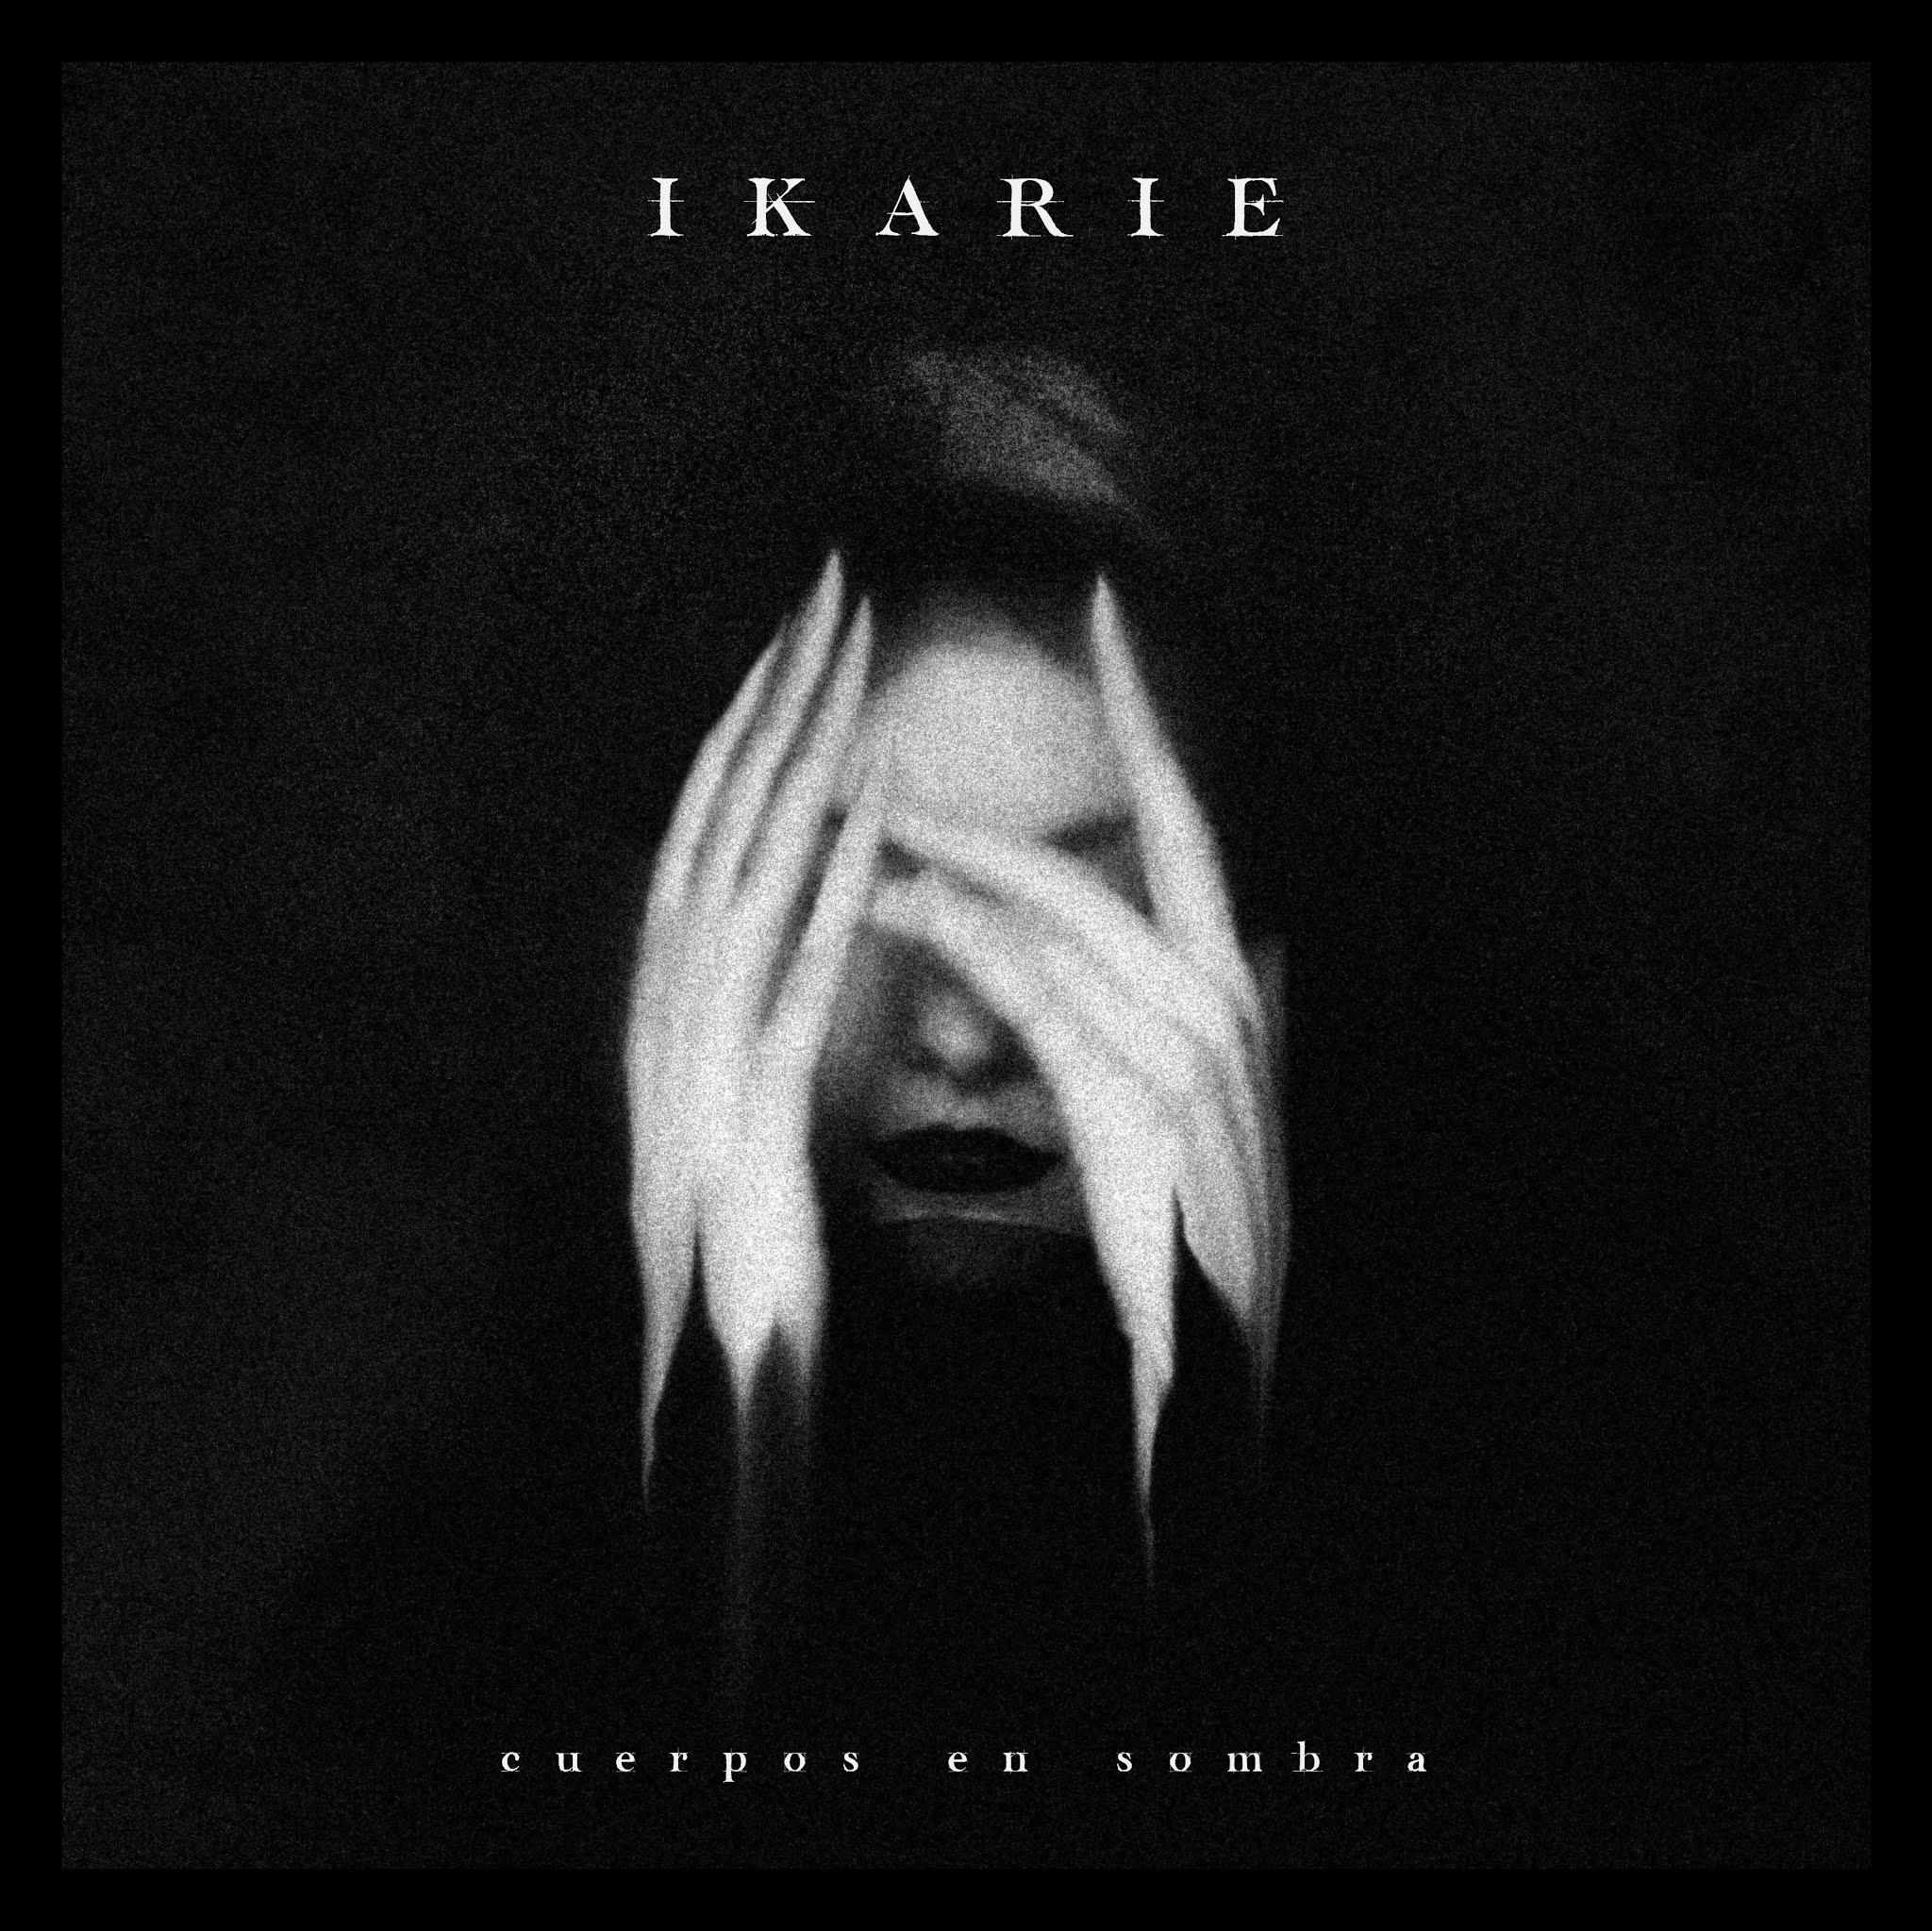 Ikarie album cover